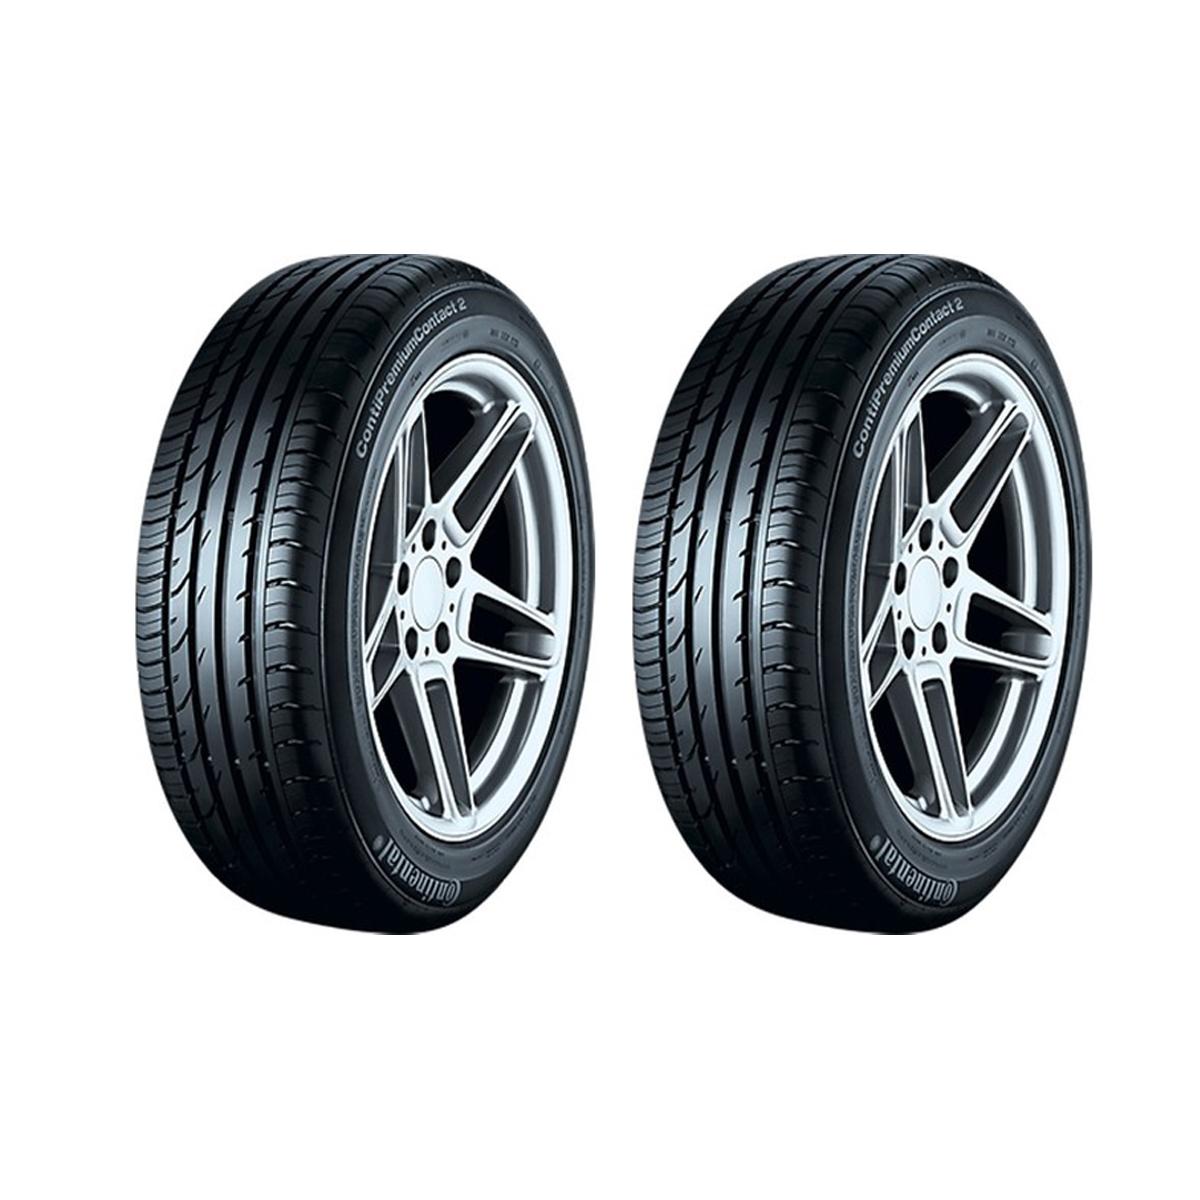 لاستیک خودرو کنتیننتال مدل conti premium contact2 سایز 205/55R16 - دو حلقه